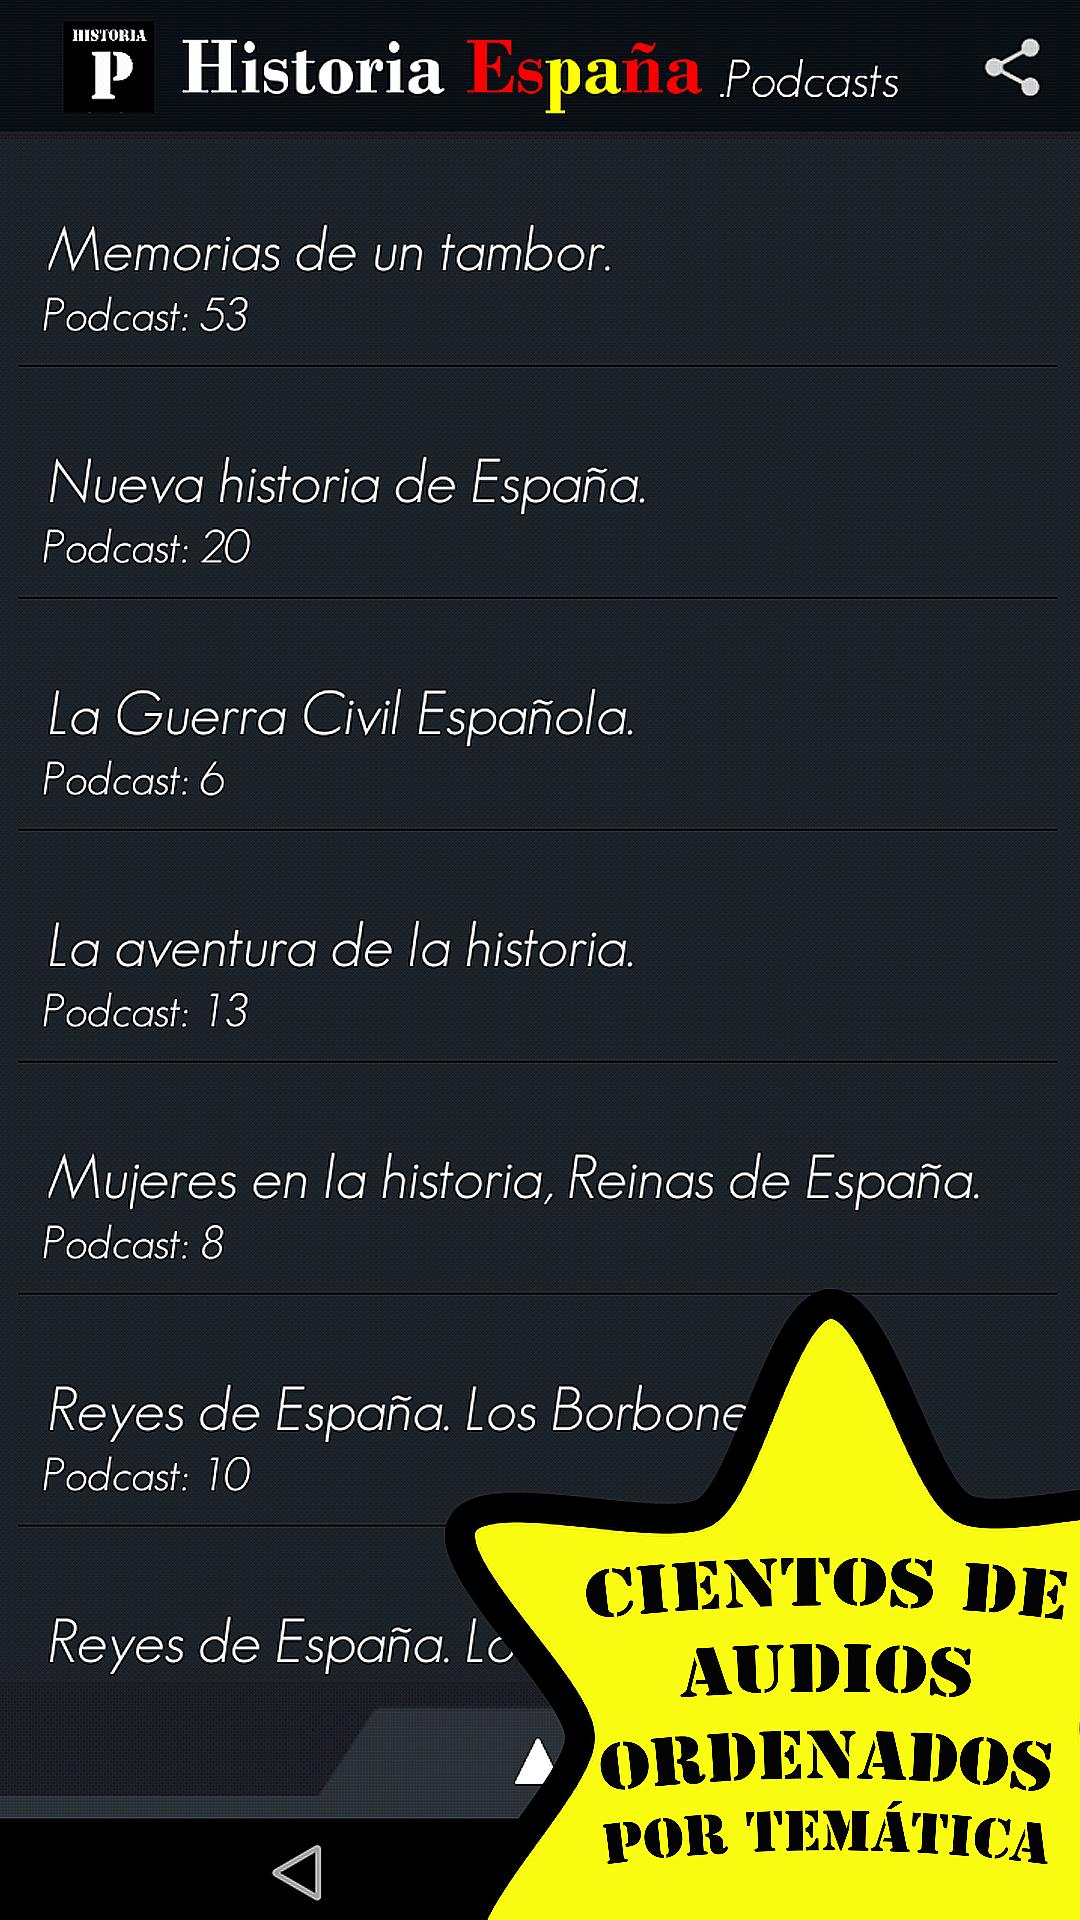 Historia España Podcasts - Sin Publicidad: Amazon.es: Appstore ...